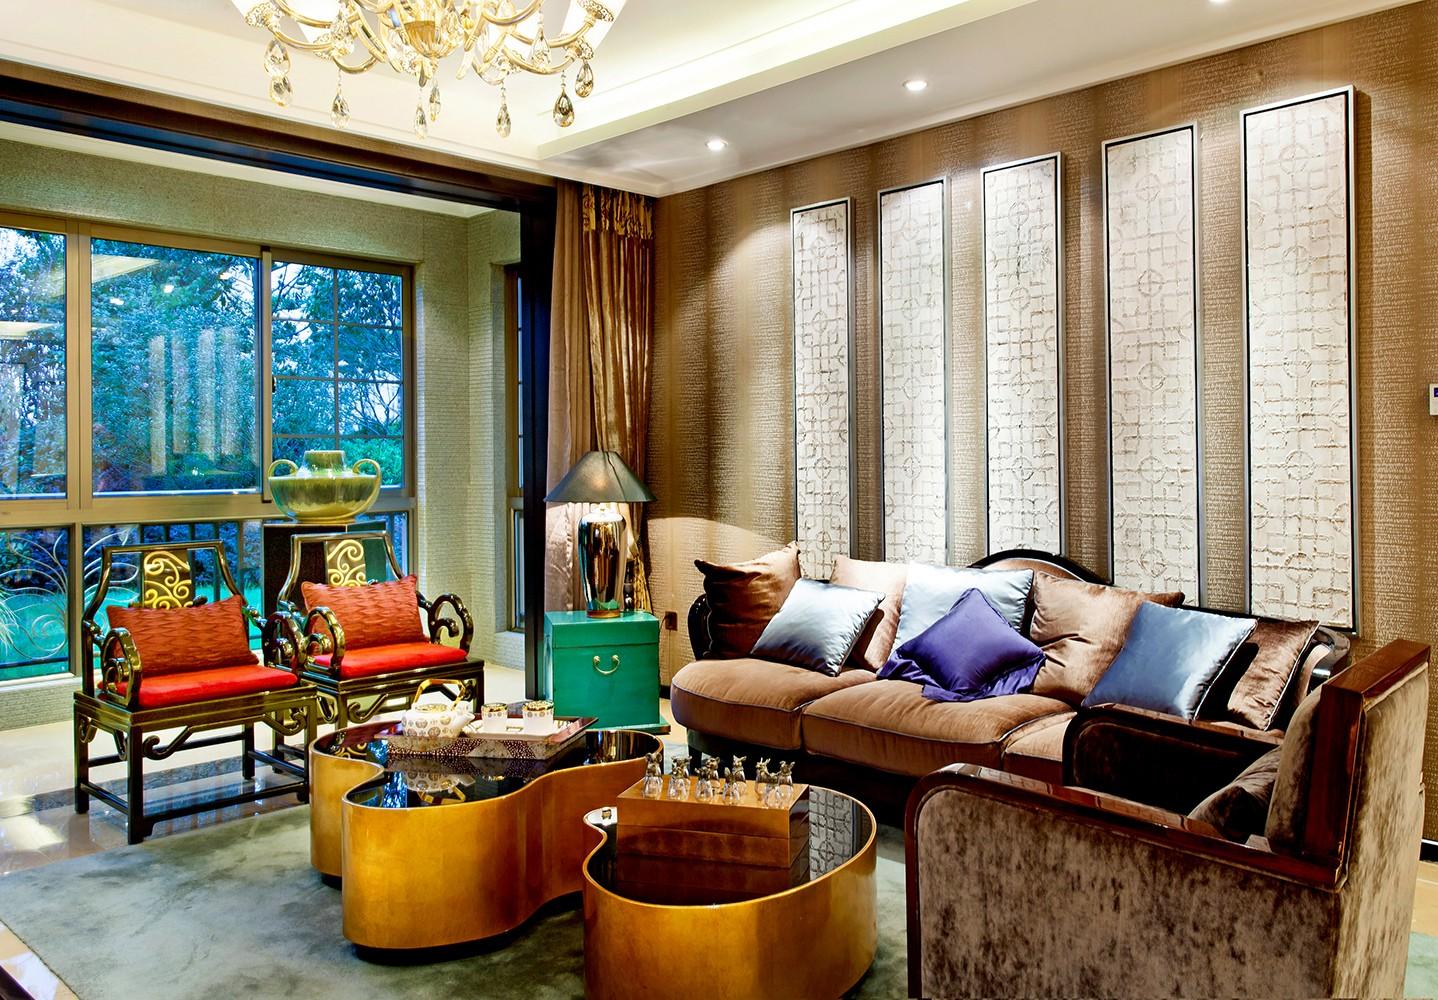 客厅的主色调是四种颜色交织,用一些彩色的抱枕打造趣味,颜色多而不杂。